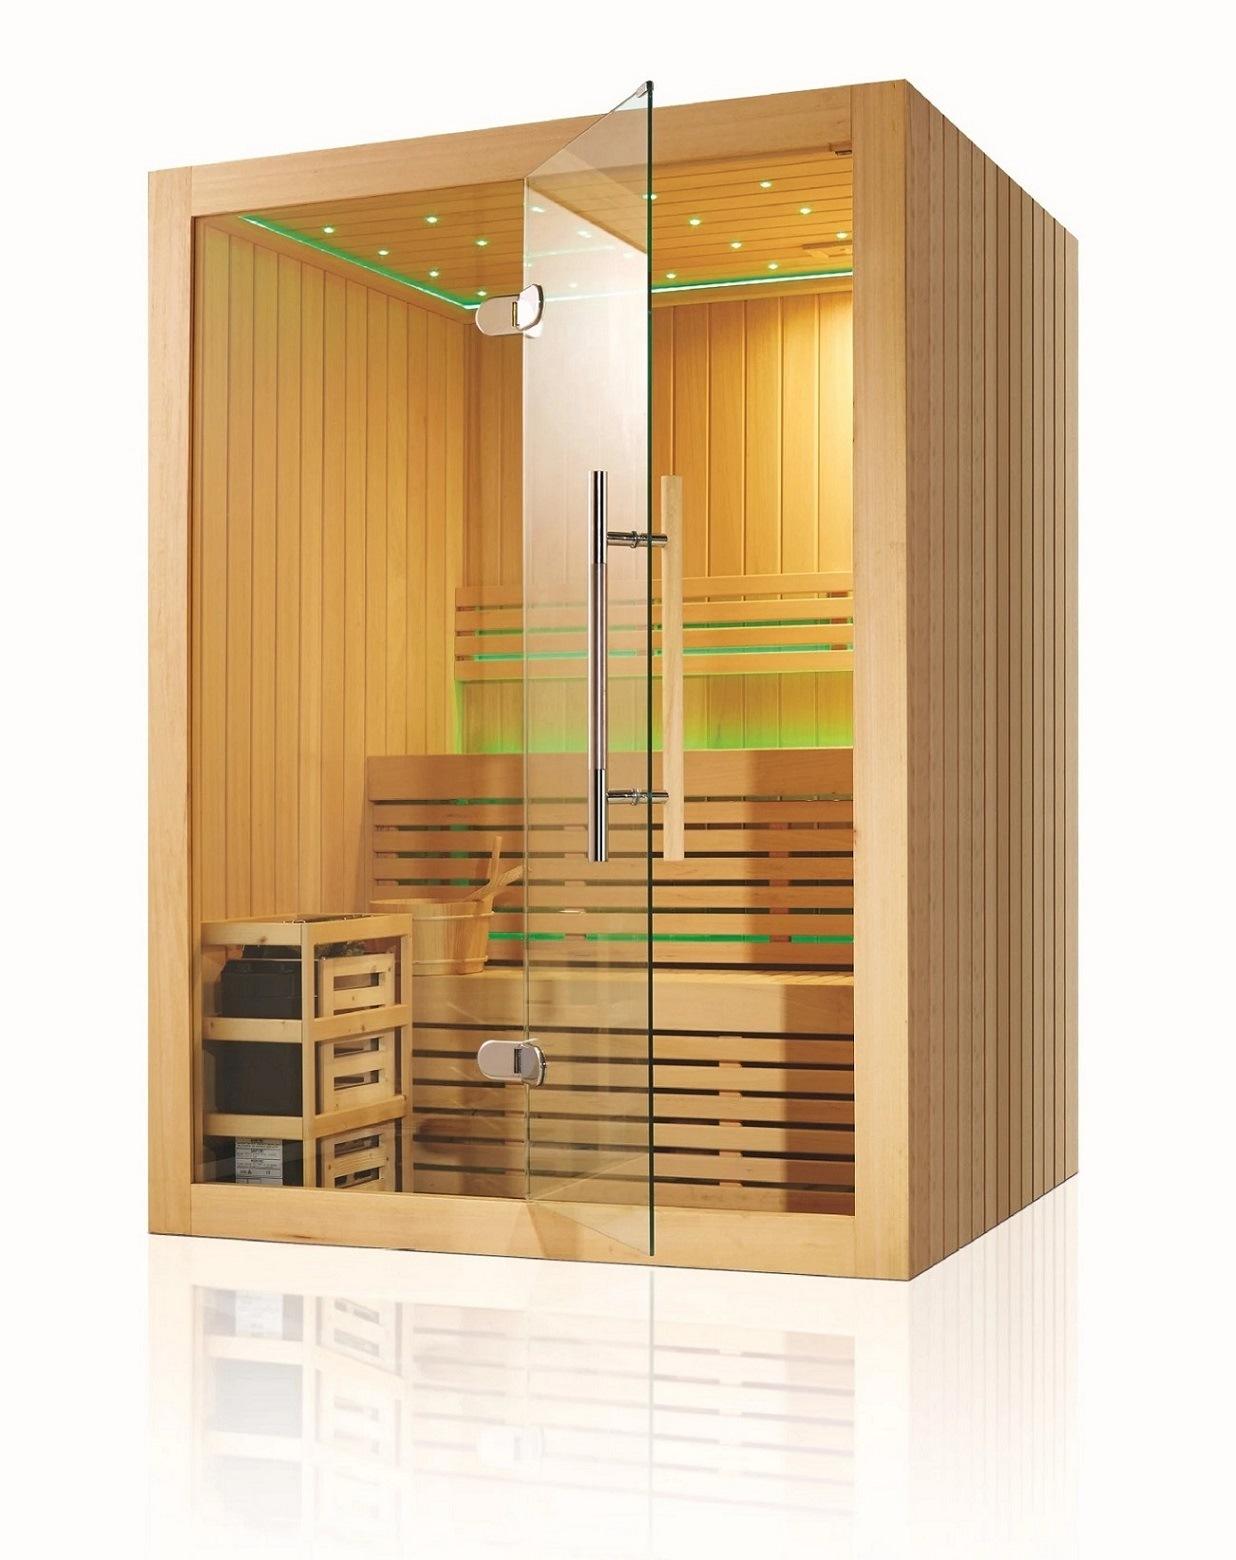 china monalisa mini luxury sauna room sauna cabin sauna. Black Bedroom Furniture Sets. Home Design Ideas